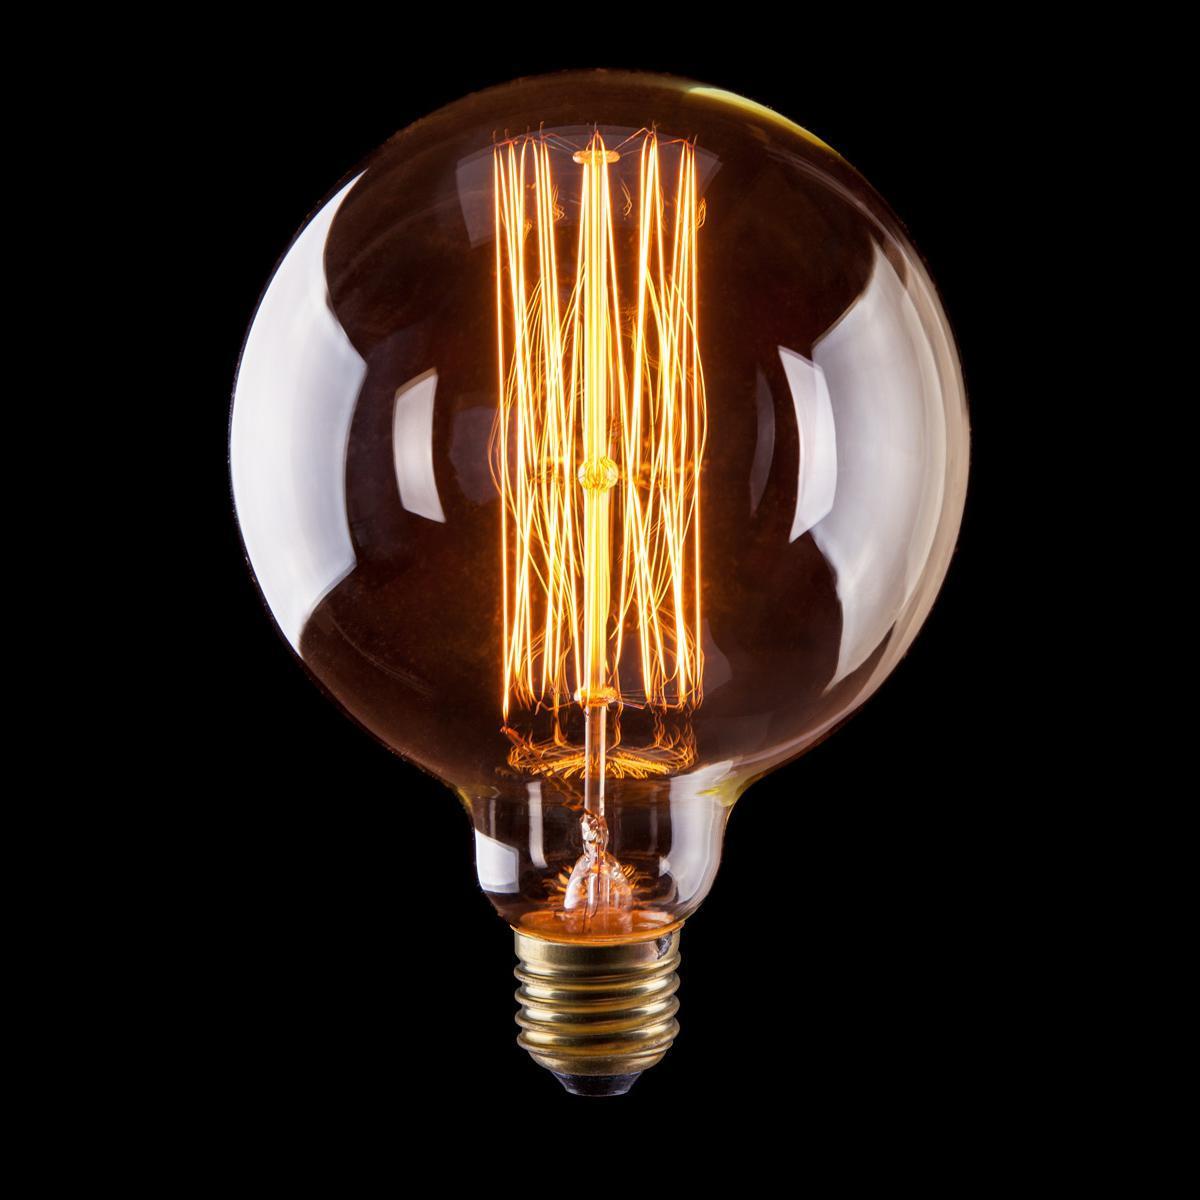 Лампа накаливания E27 40W шар прозрачный VG6-G125A1-40W 6494